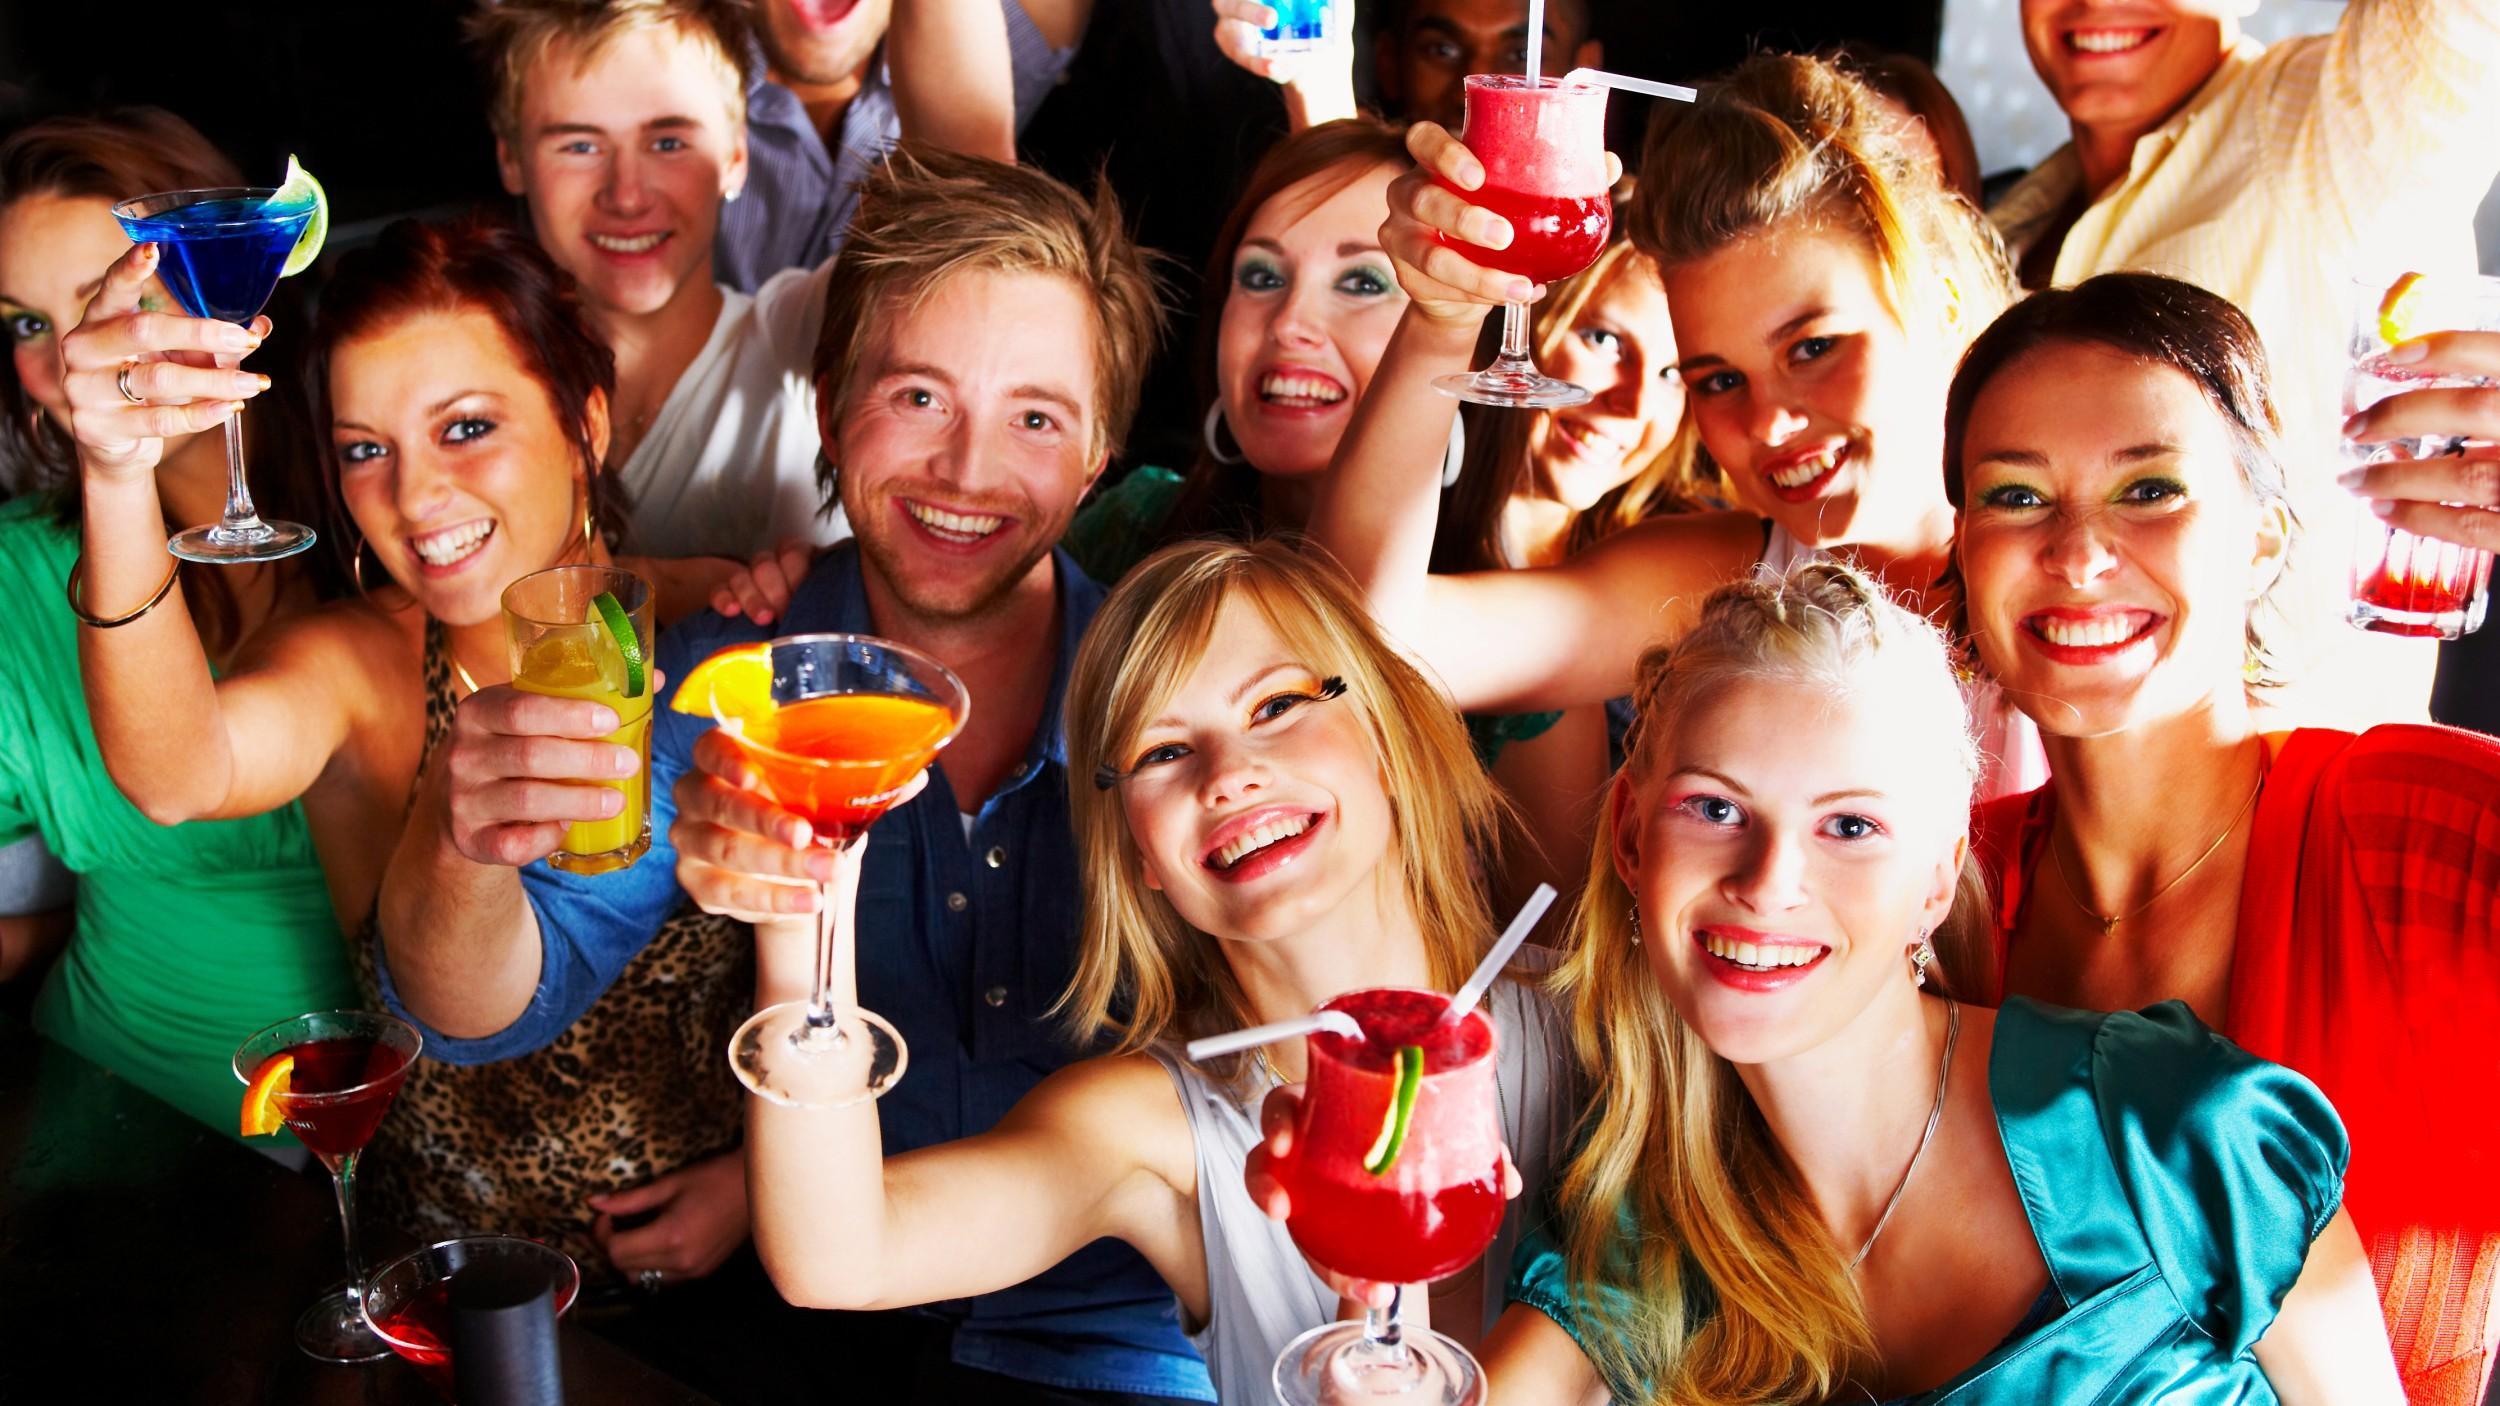 Фото свингерских вечеринок в россии частные, Фотографии Swing Свинг Свингеры Знакомства Sexwife 17 фотография